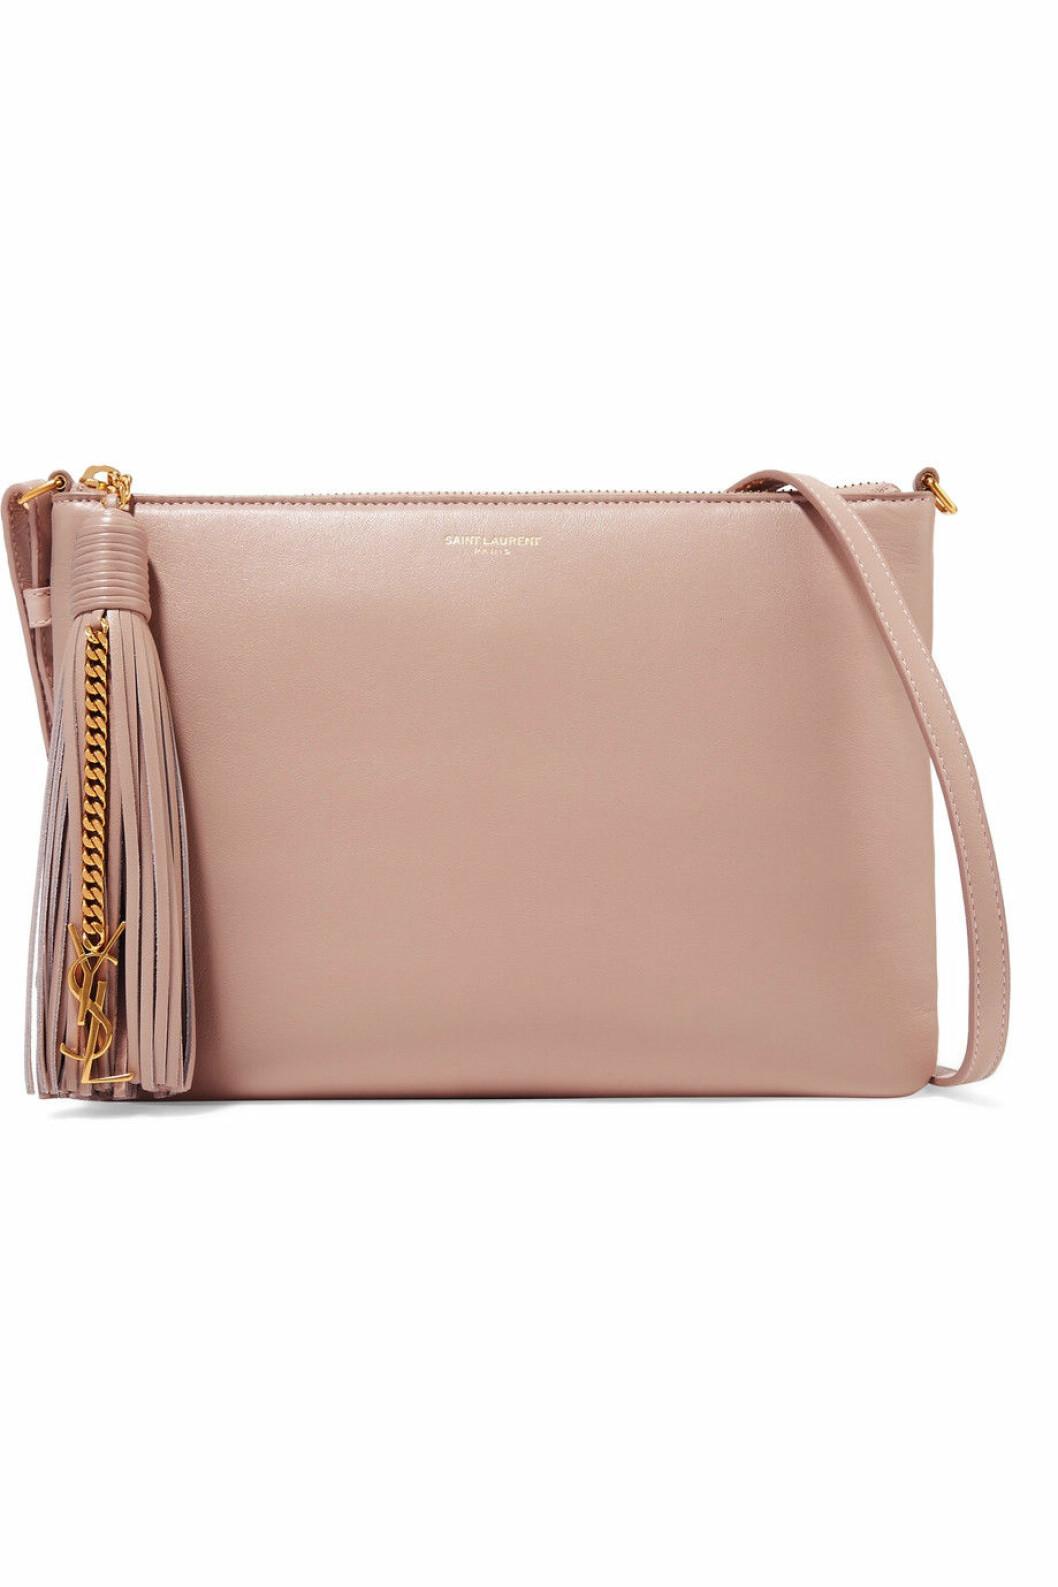 väska-saintlaurent